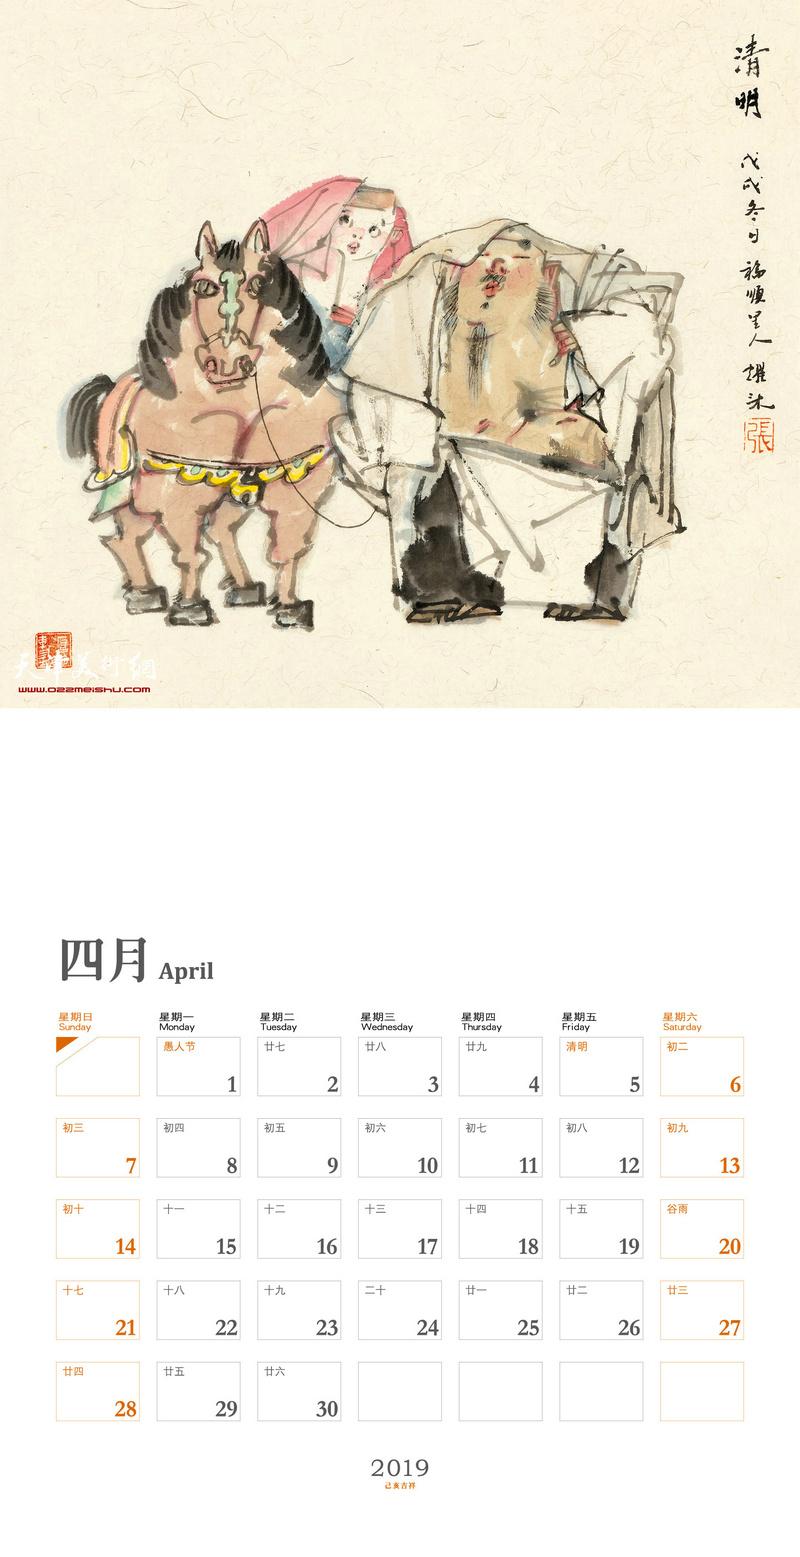 2019己亥吉祥 四月 张耀来作品:清明